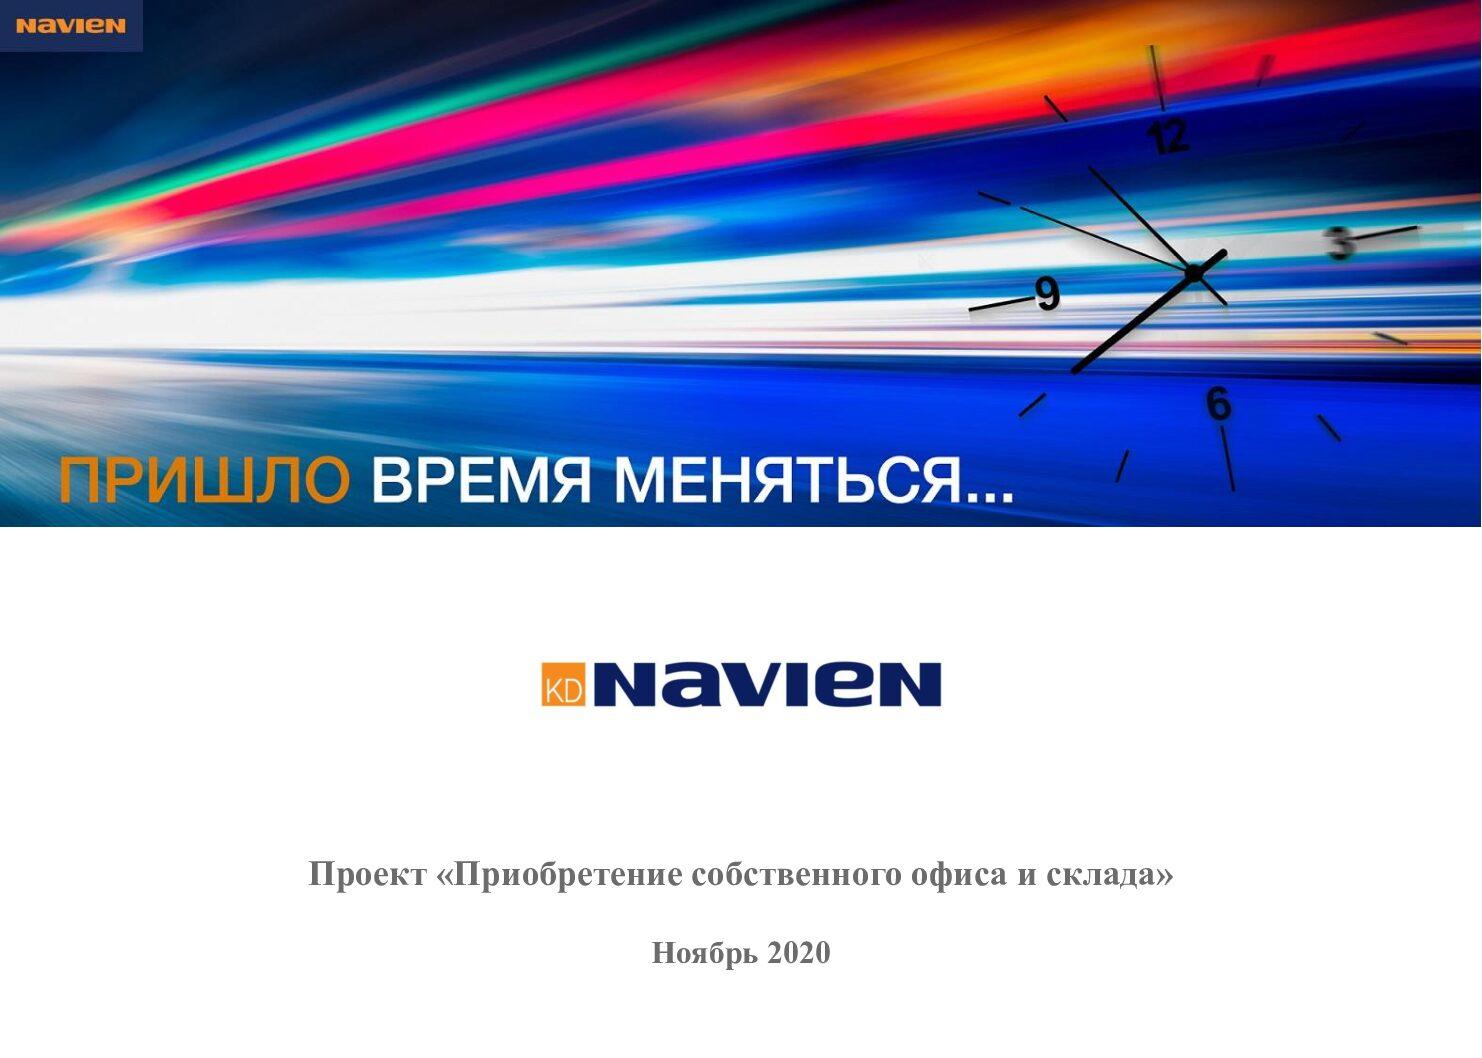 Проект «Приобретение собственного офиса и склада»  NAVIEN